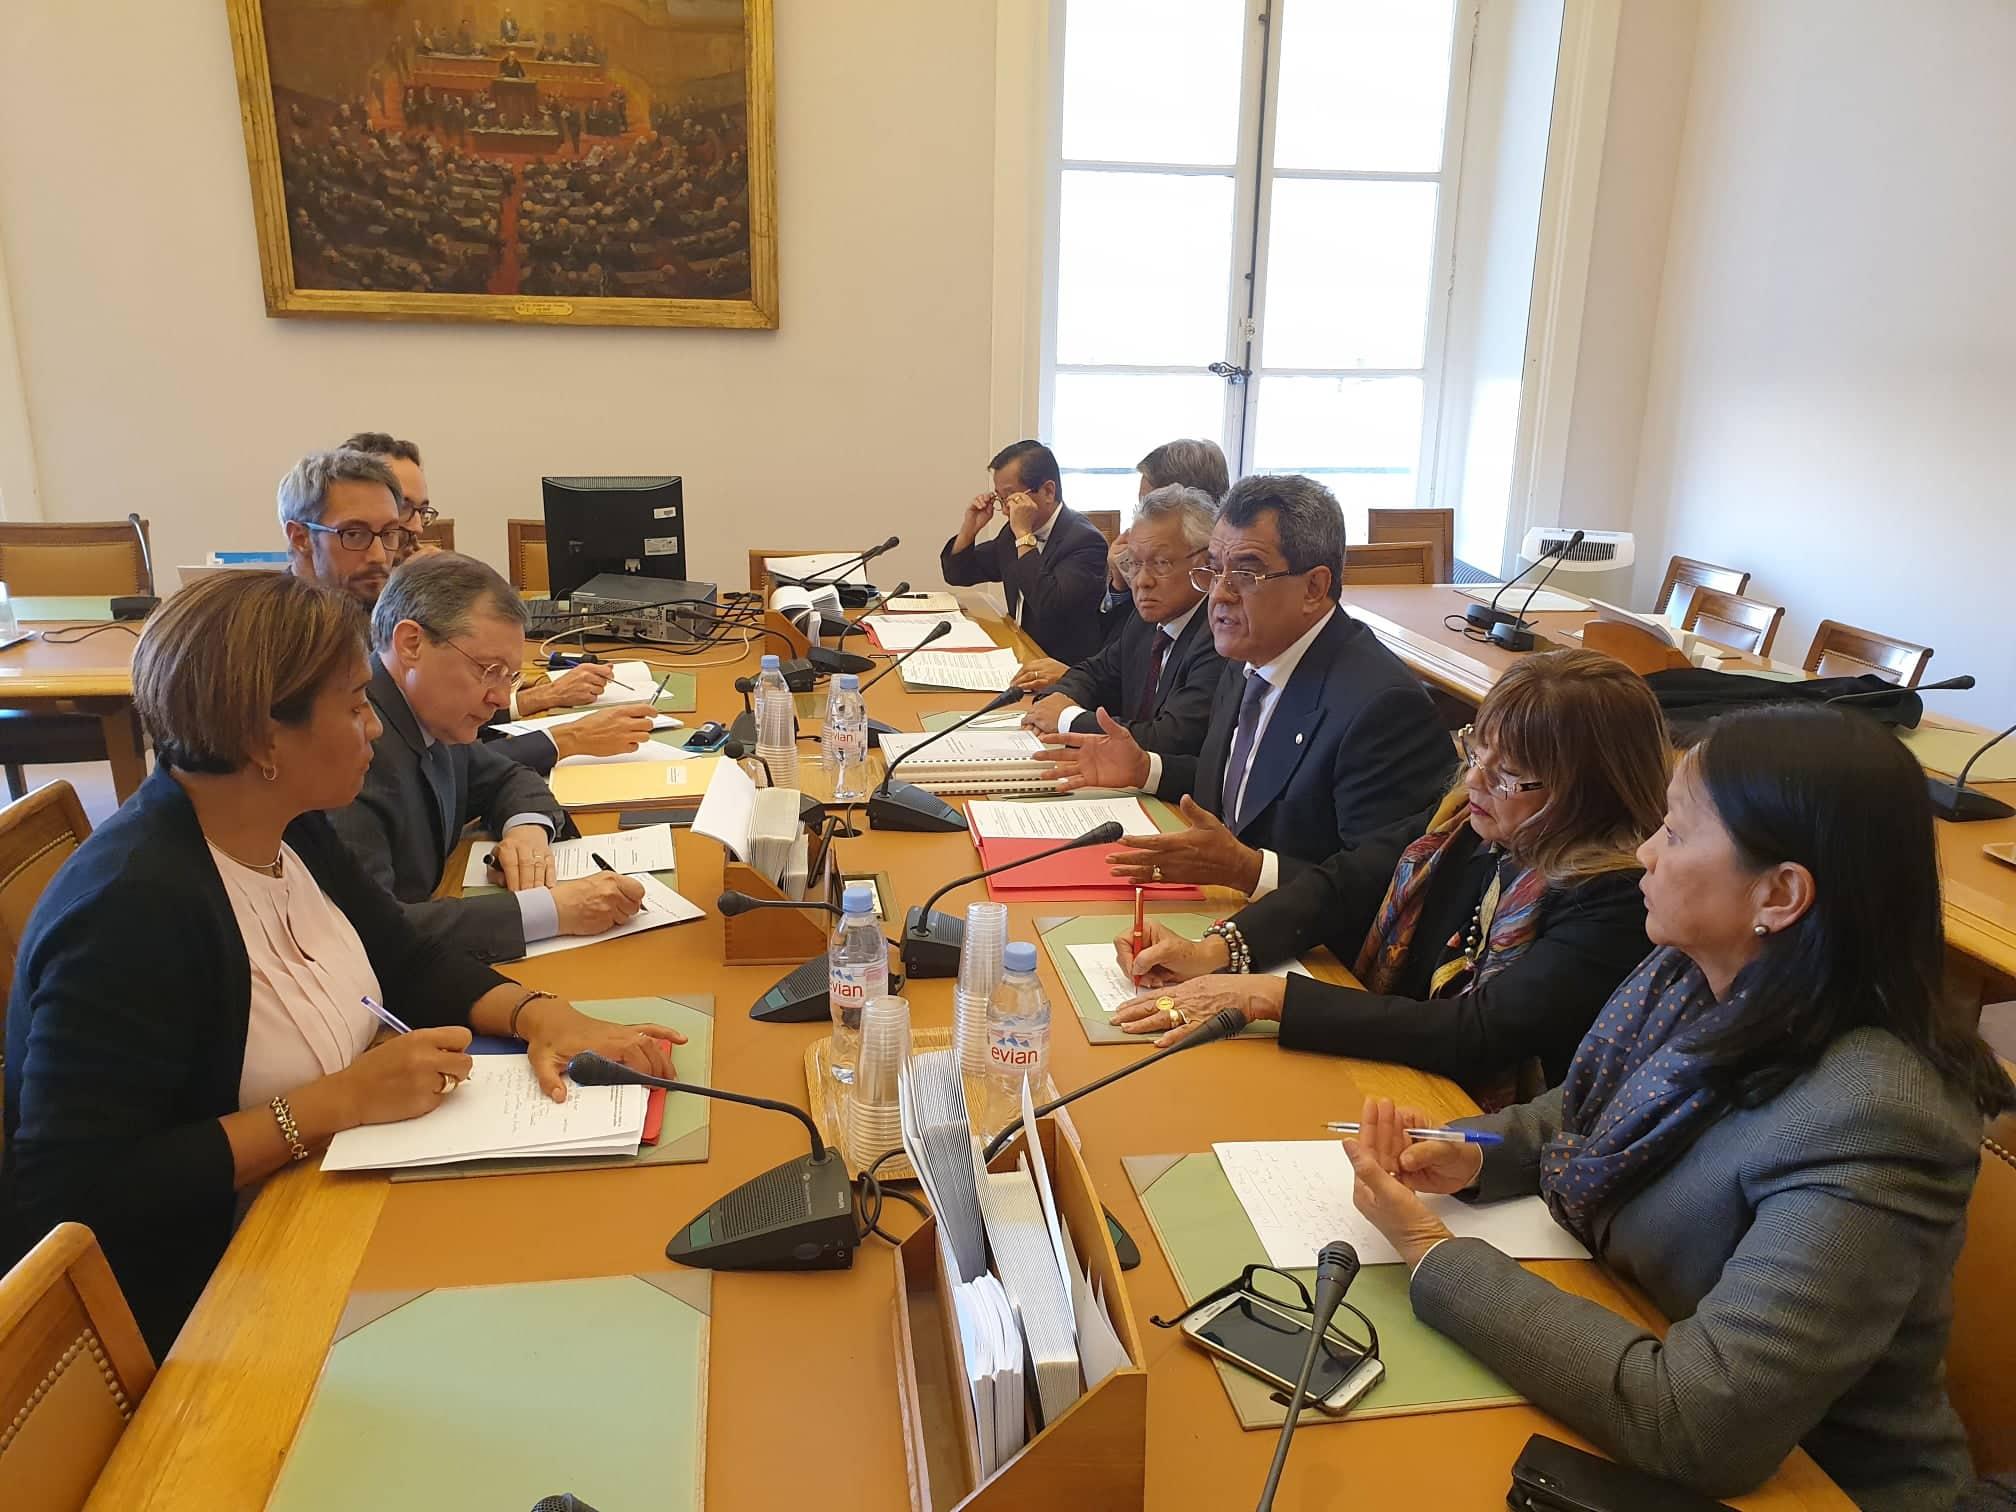 La délégation polynésienne a été reçue au Sénat, mercredi. Ici, lors de l'entretien avec président de la commission des lois, Philippe Bas.